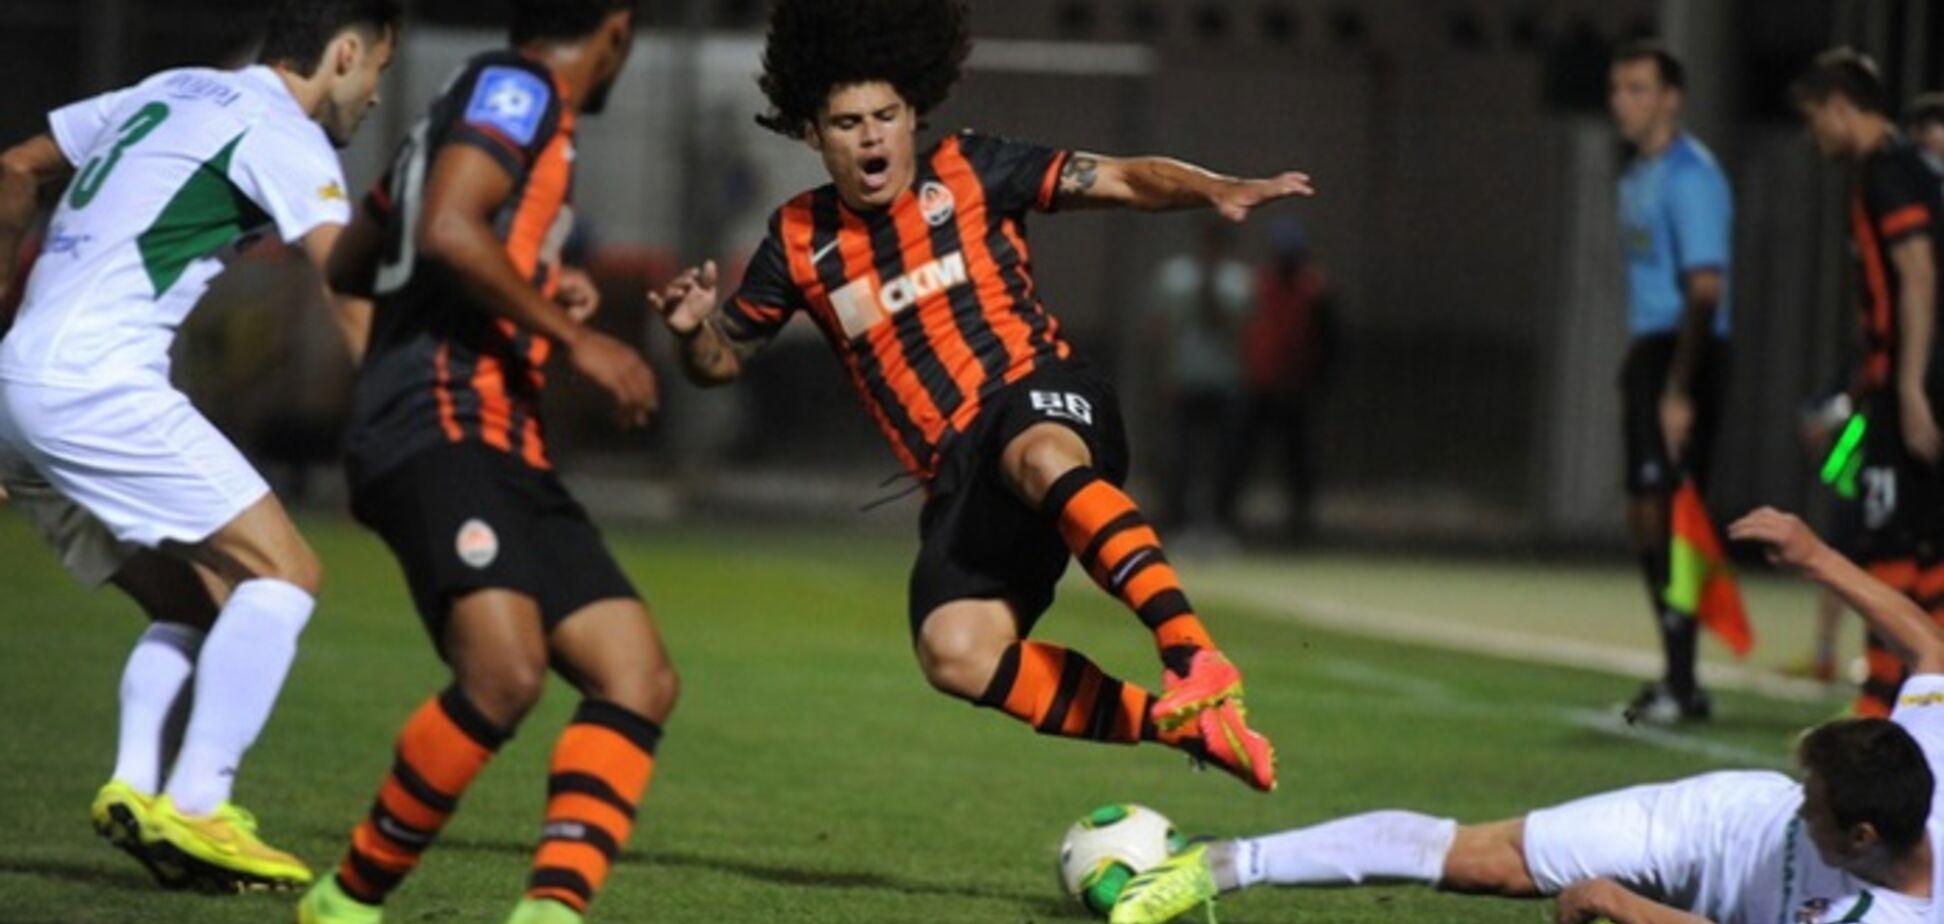 Бразильский футболист 'Шахтера' согласовал контракт с новым клубом: стали известны подробности